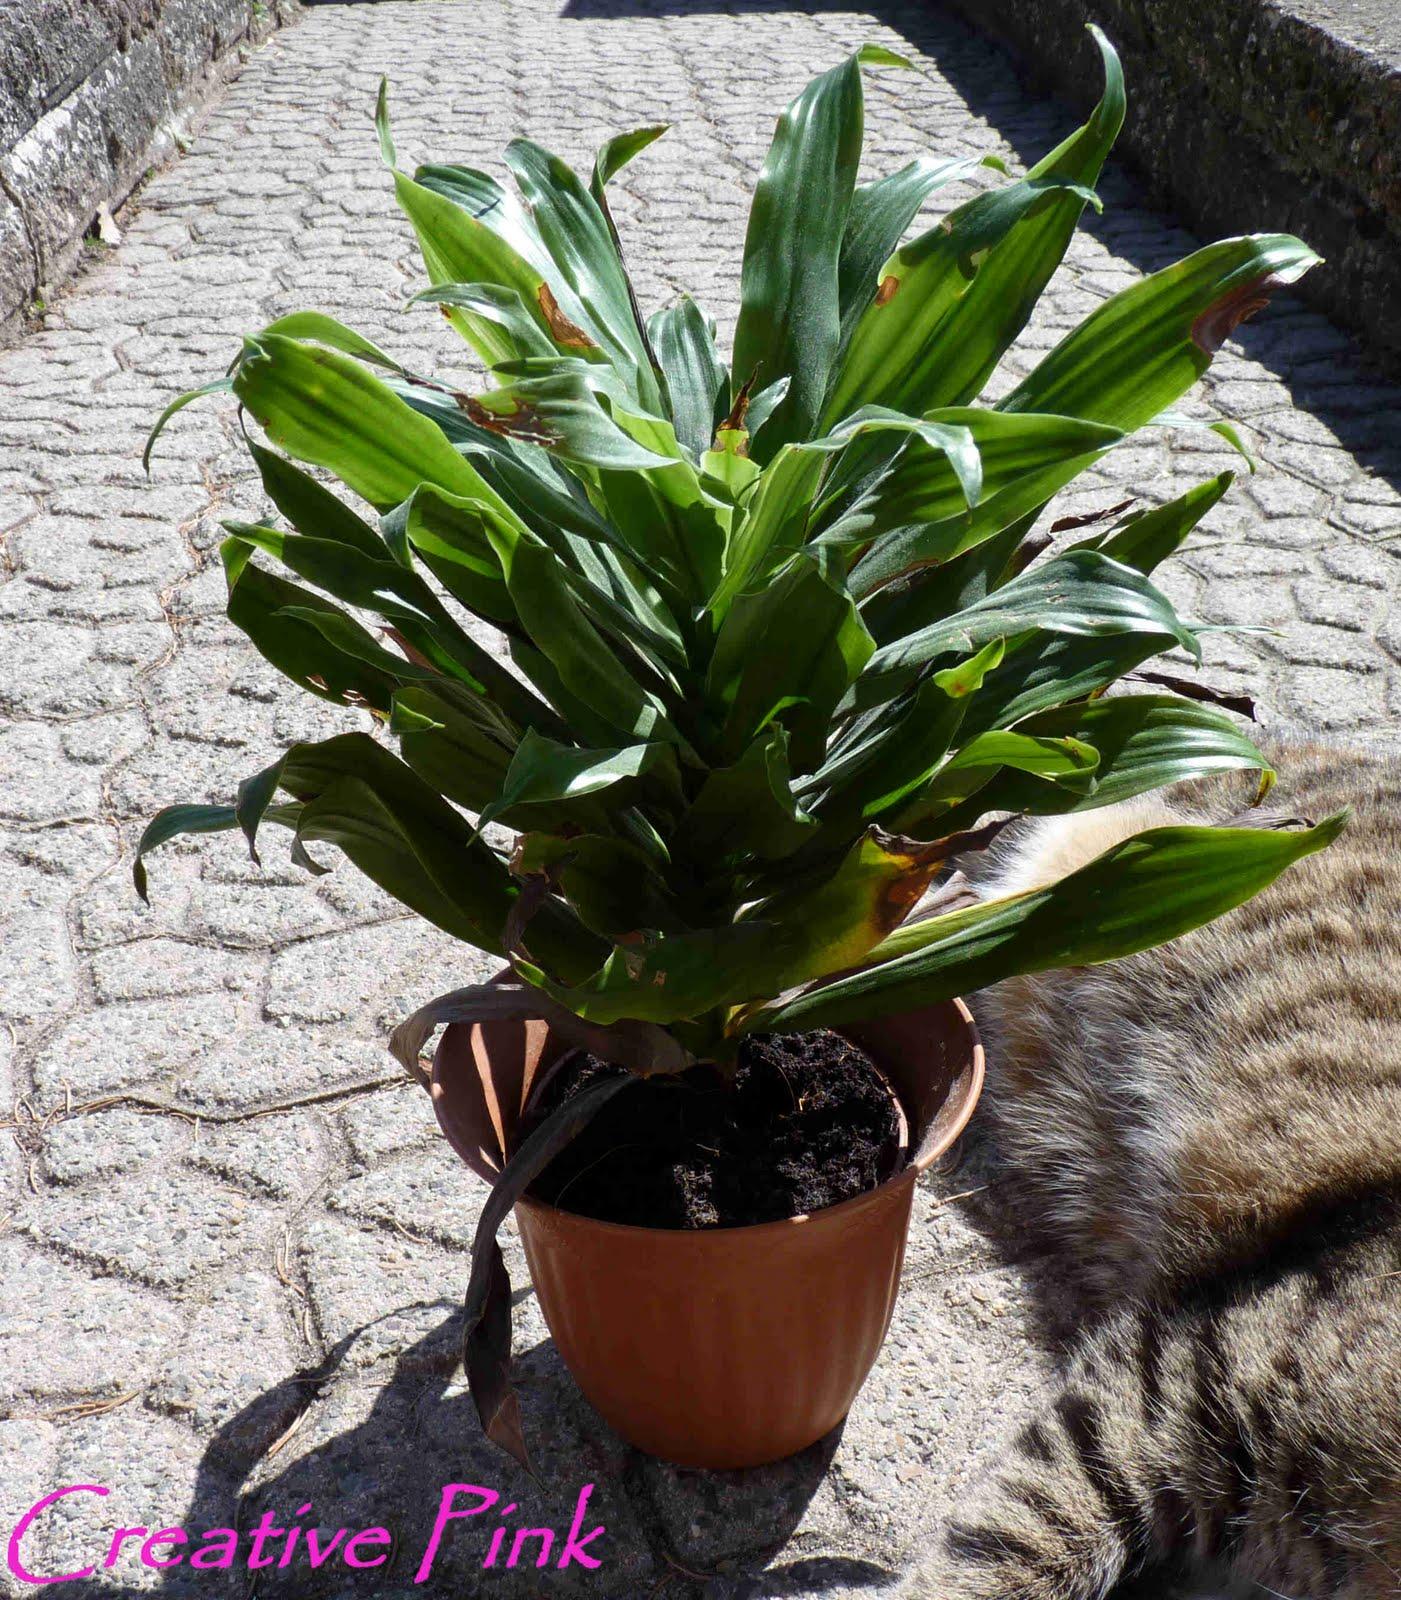 pflanze mit g pflanze gefunden hnlichkeit mit efeu gundermann pflanzen botanik bestimmung. Black Bedroom Furniture Sets. Home Design Ideas